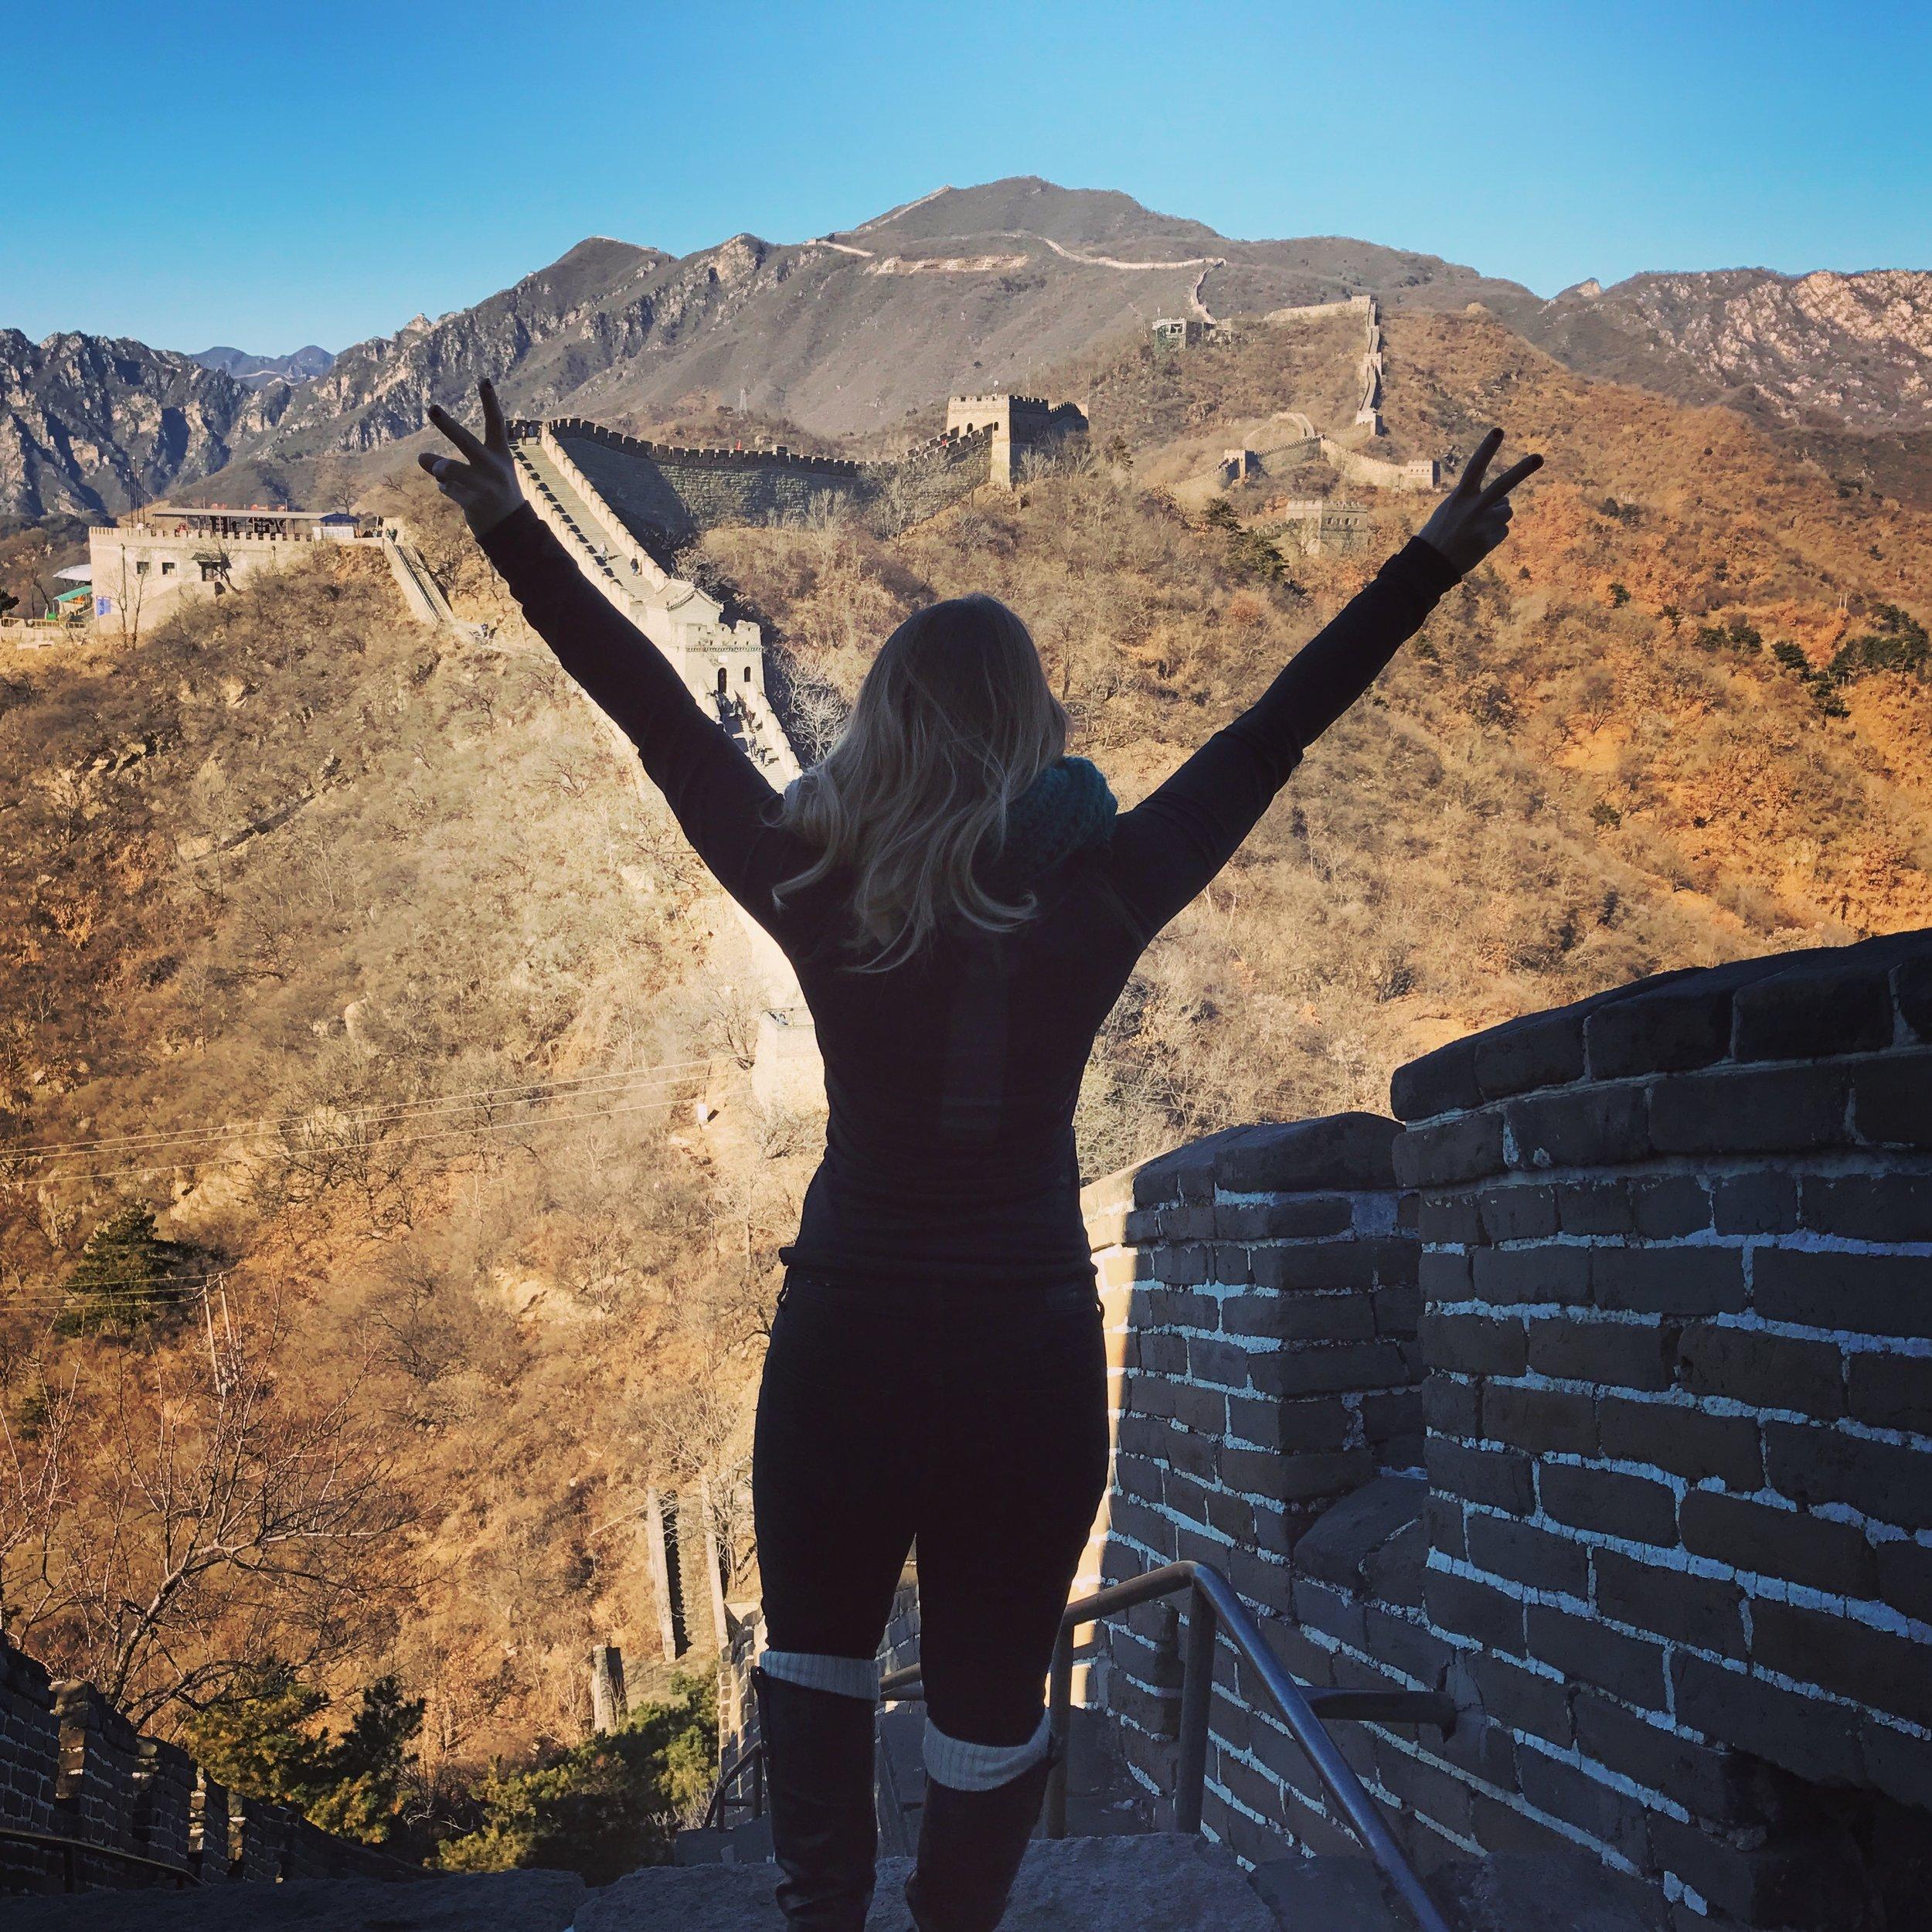 The Great Wall of China, Mutianyu, China